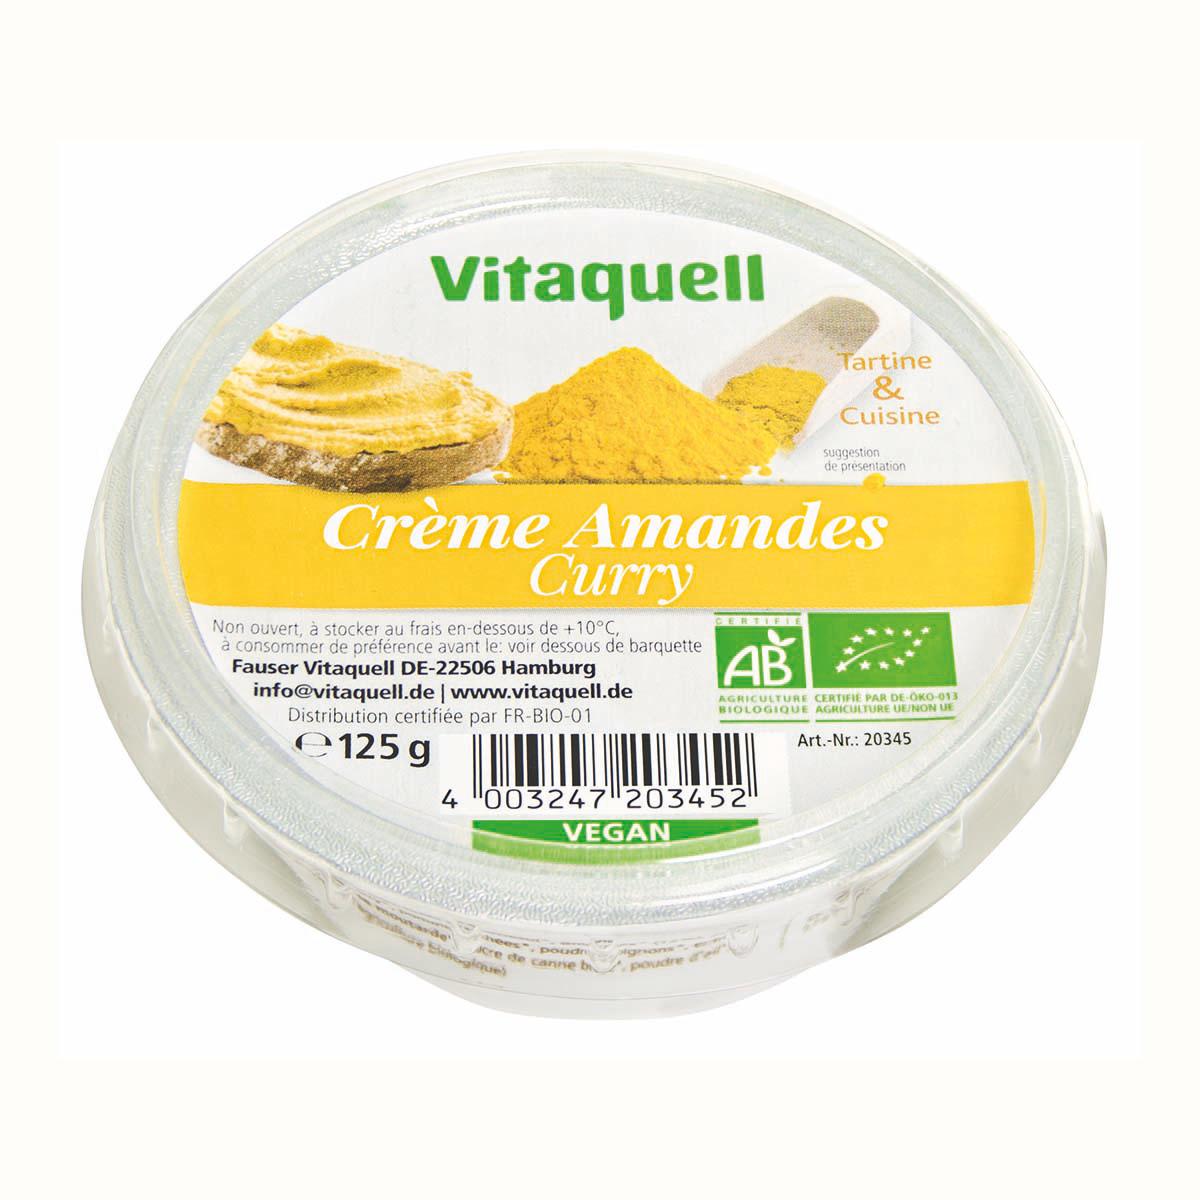 Crème Amandes Curry